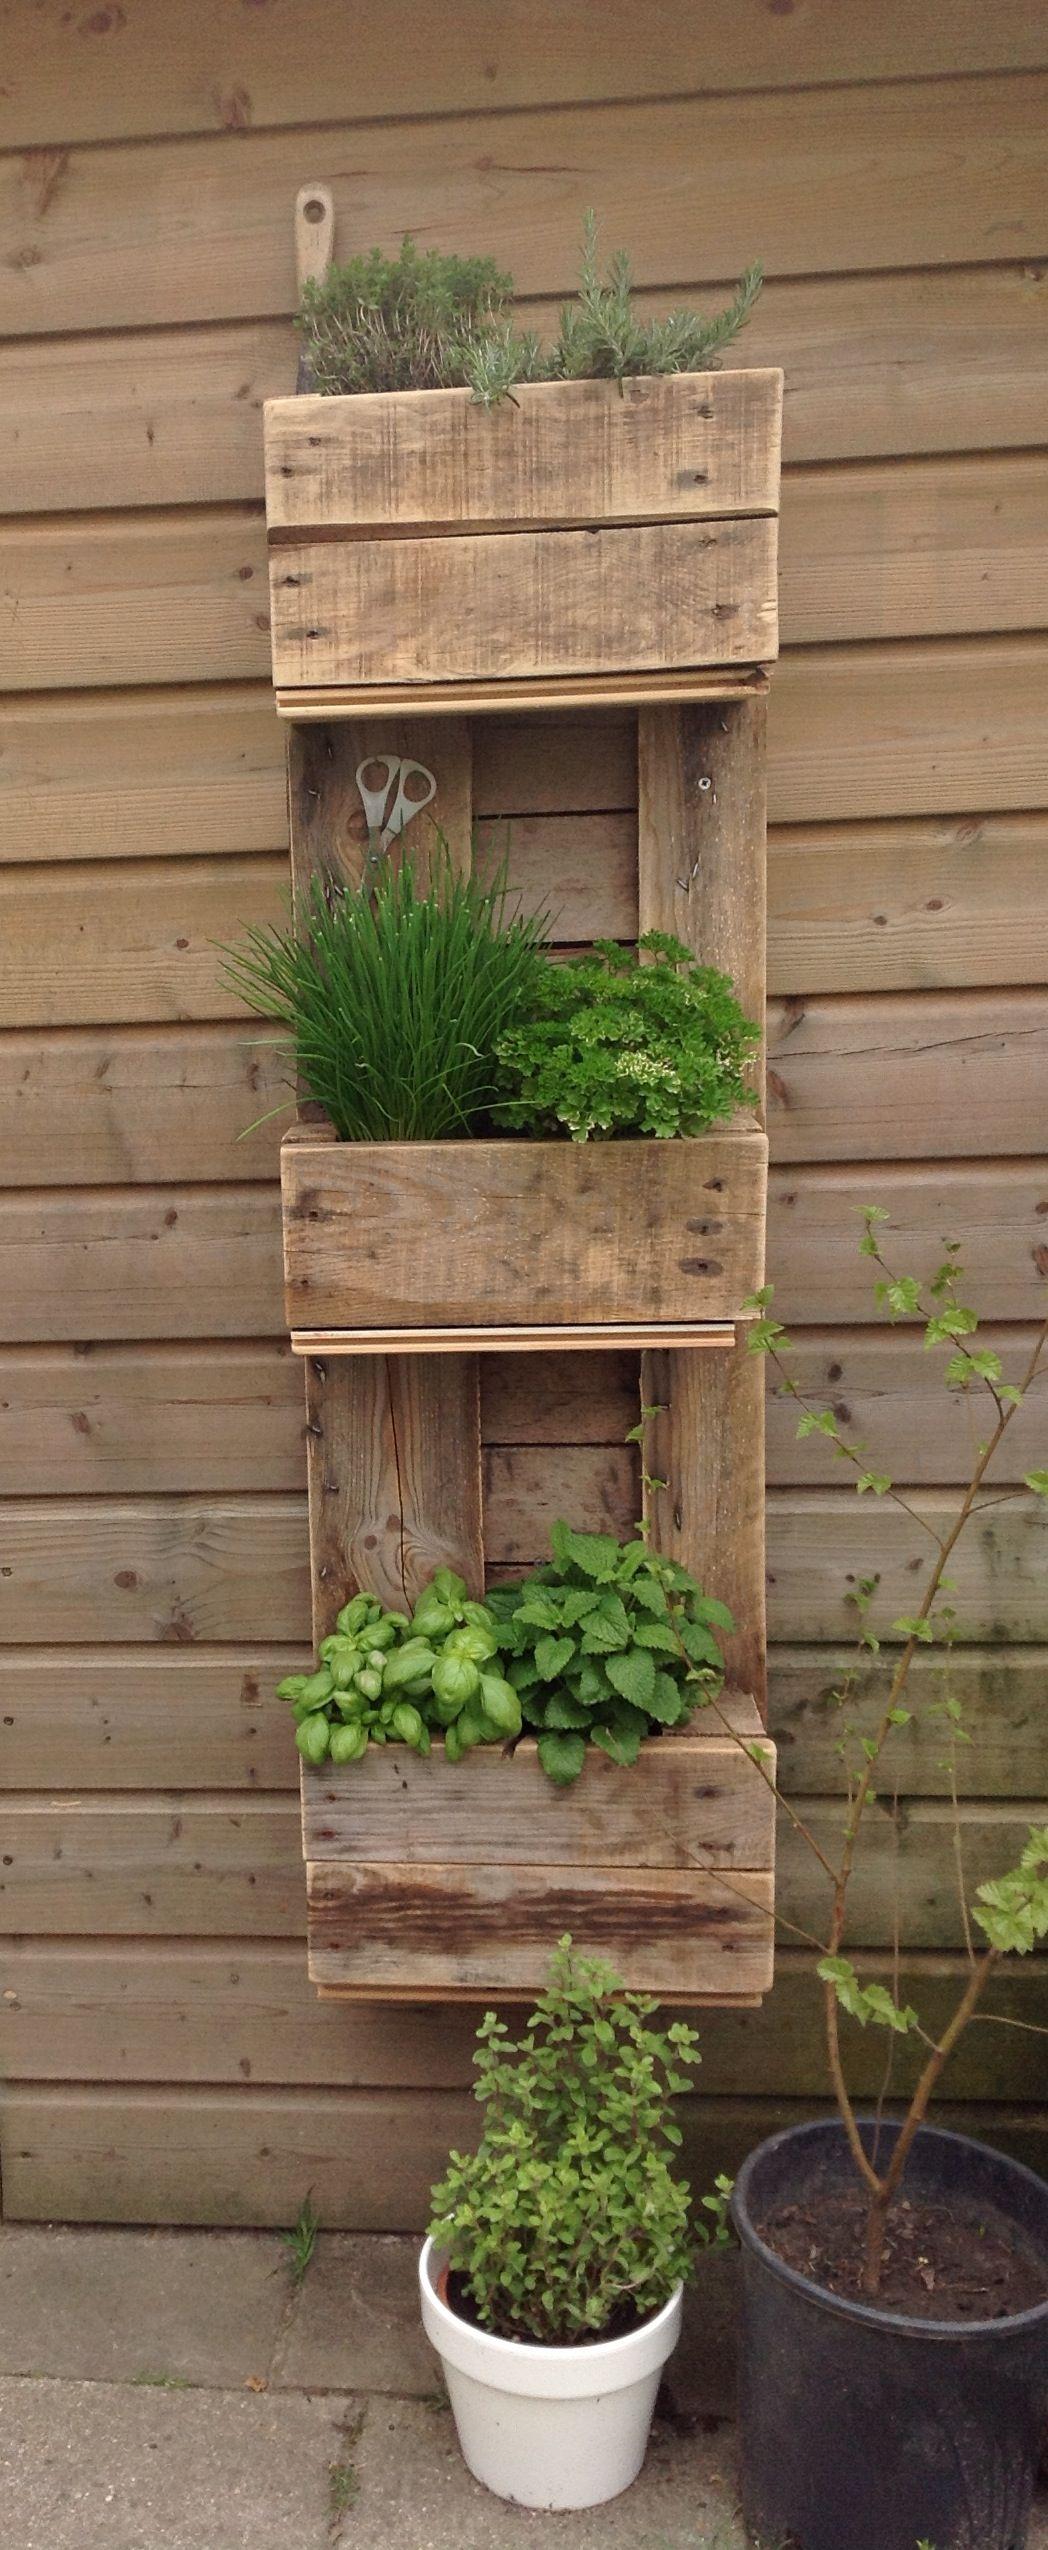 Pallet Wall Herb Garden Diy Garden Wall Livingwall 400 x 300